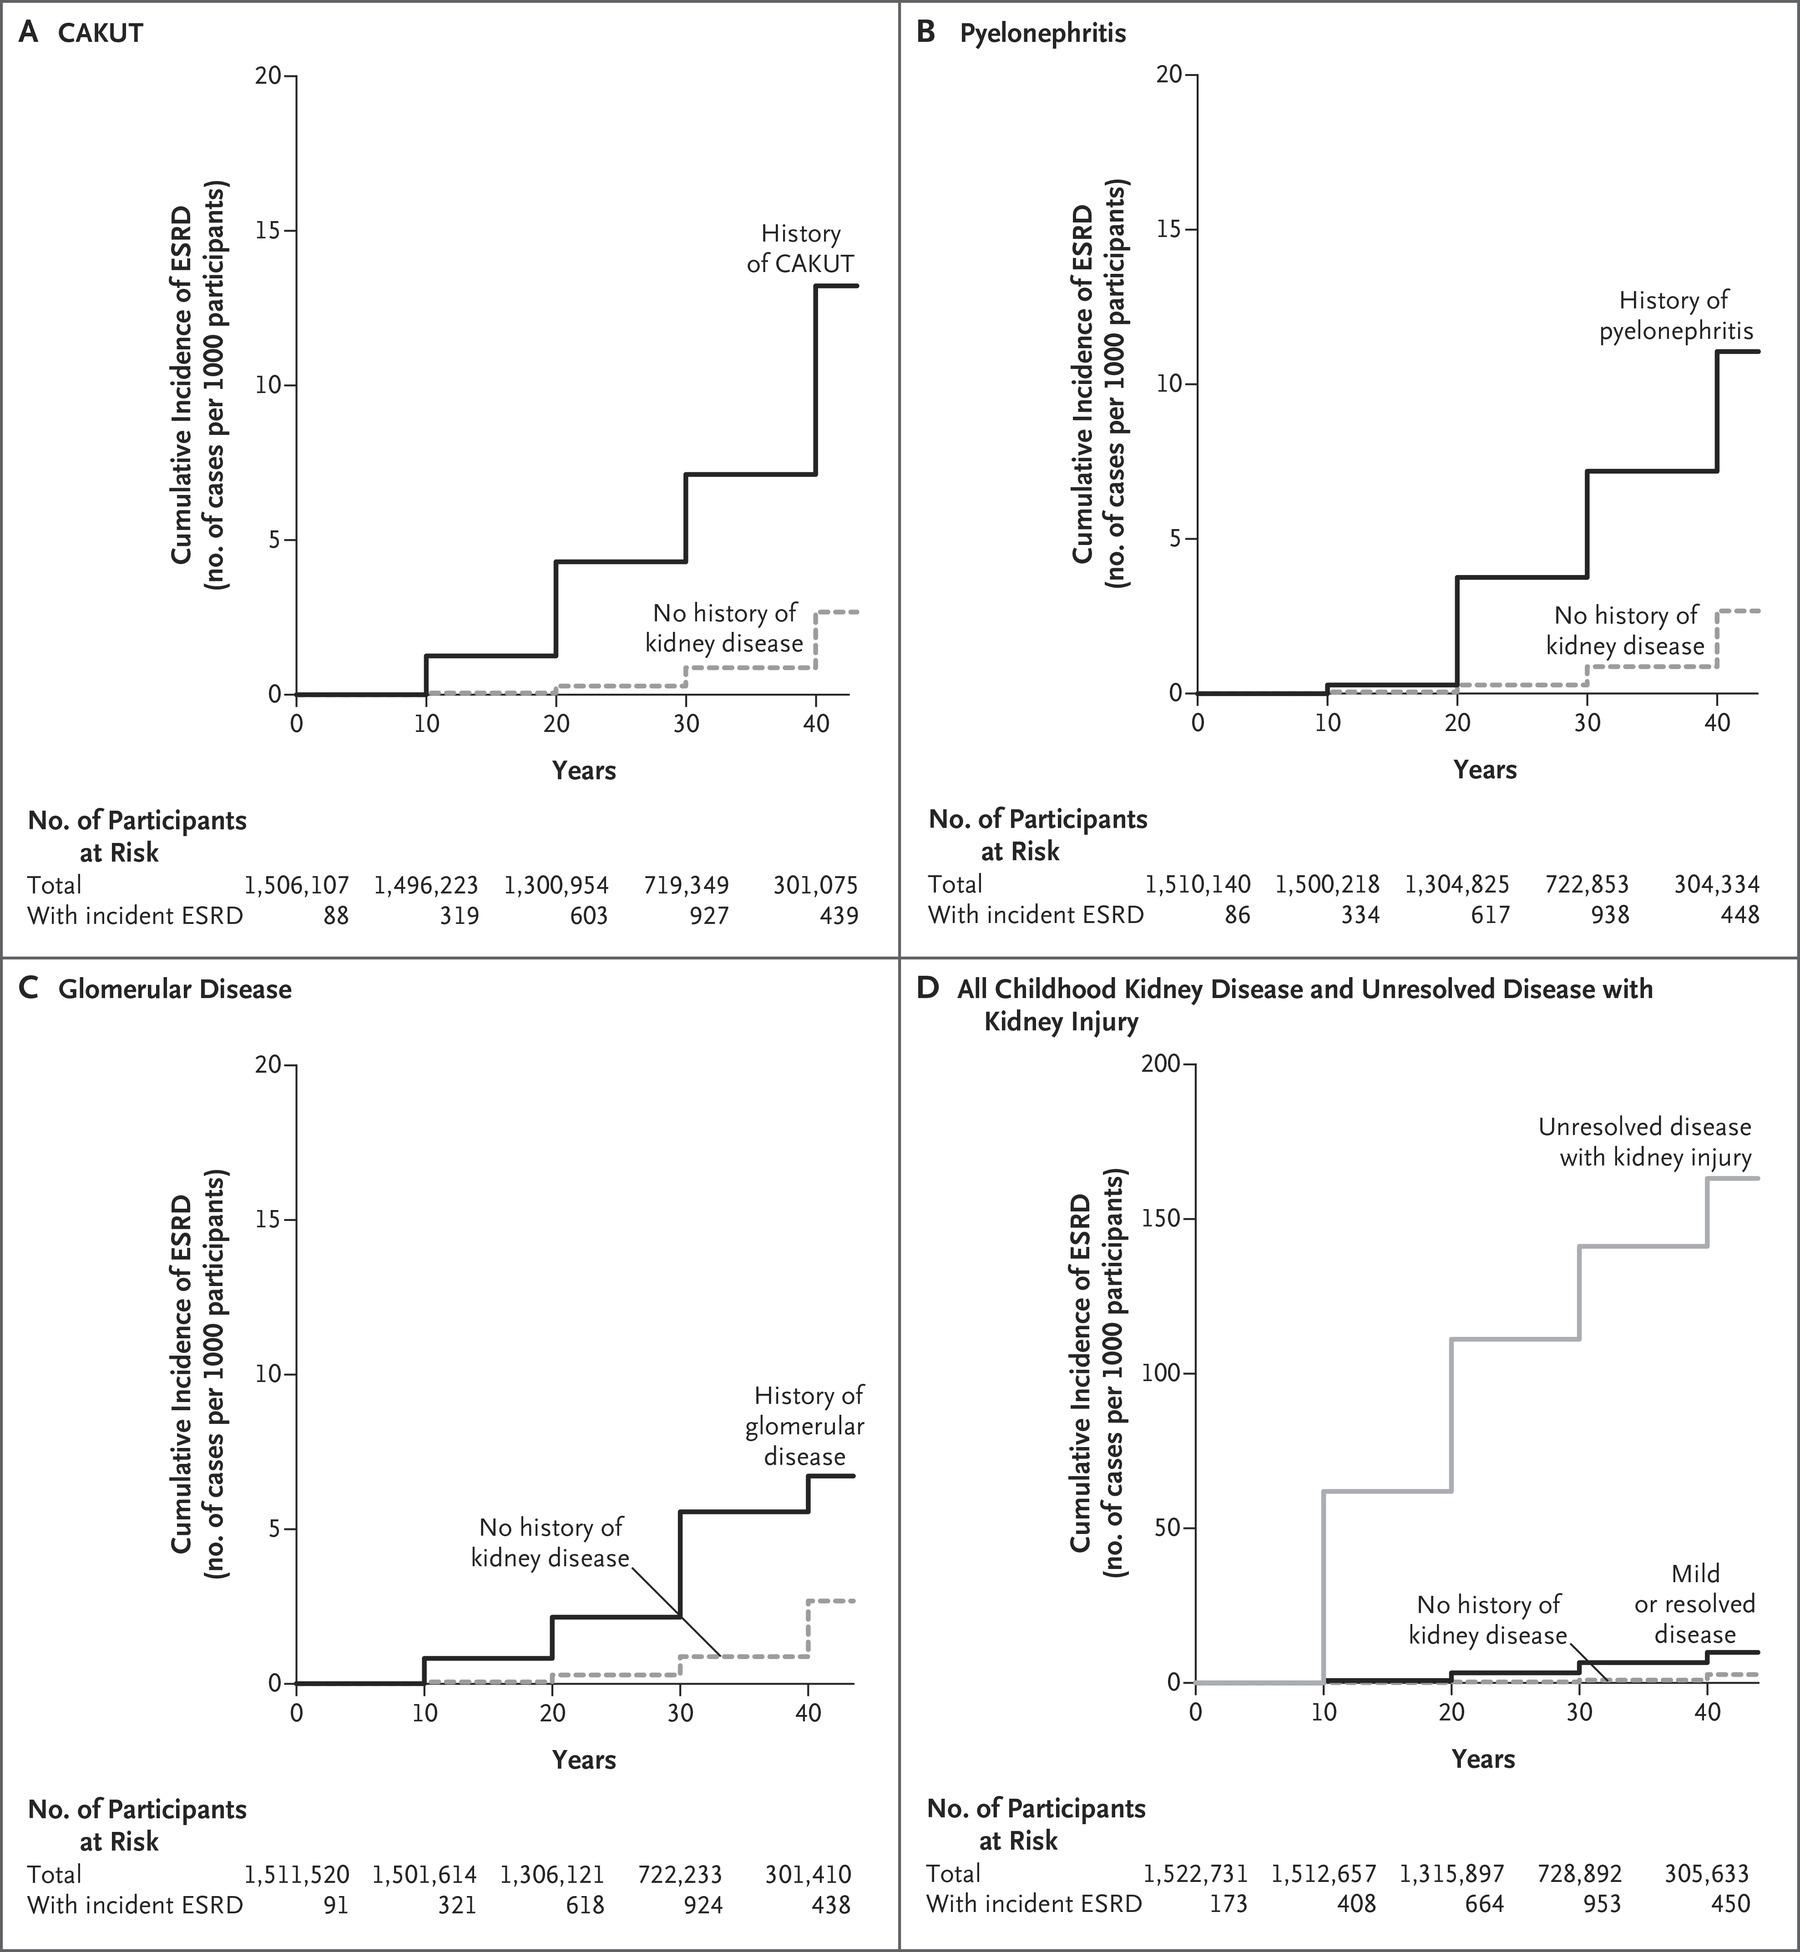 Figure 2 from Calderon-Margalit et al, NEJM 2018